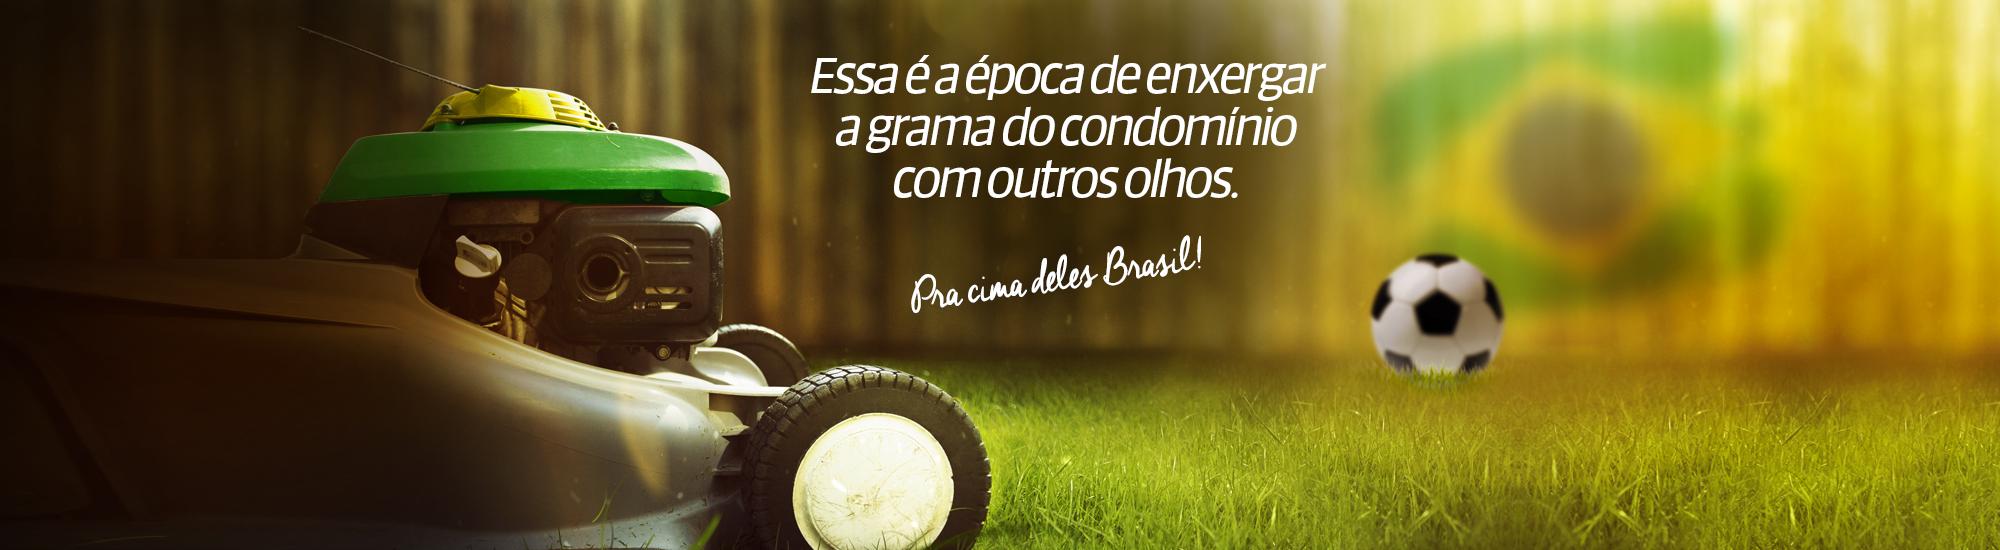 banner site OTIMIZE Copa do Mundo